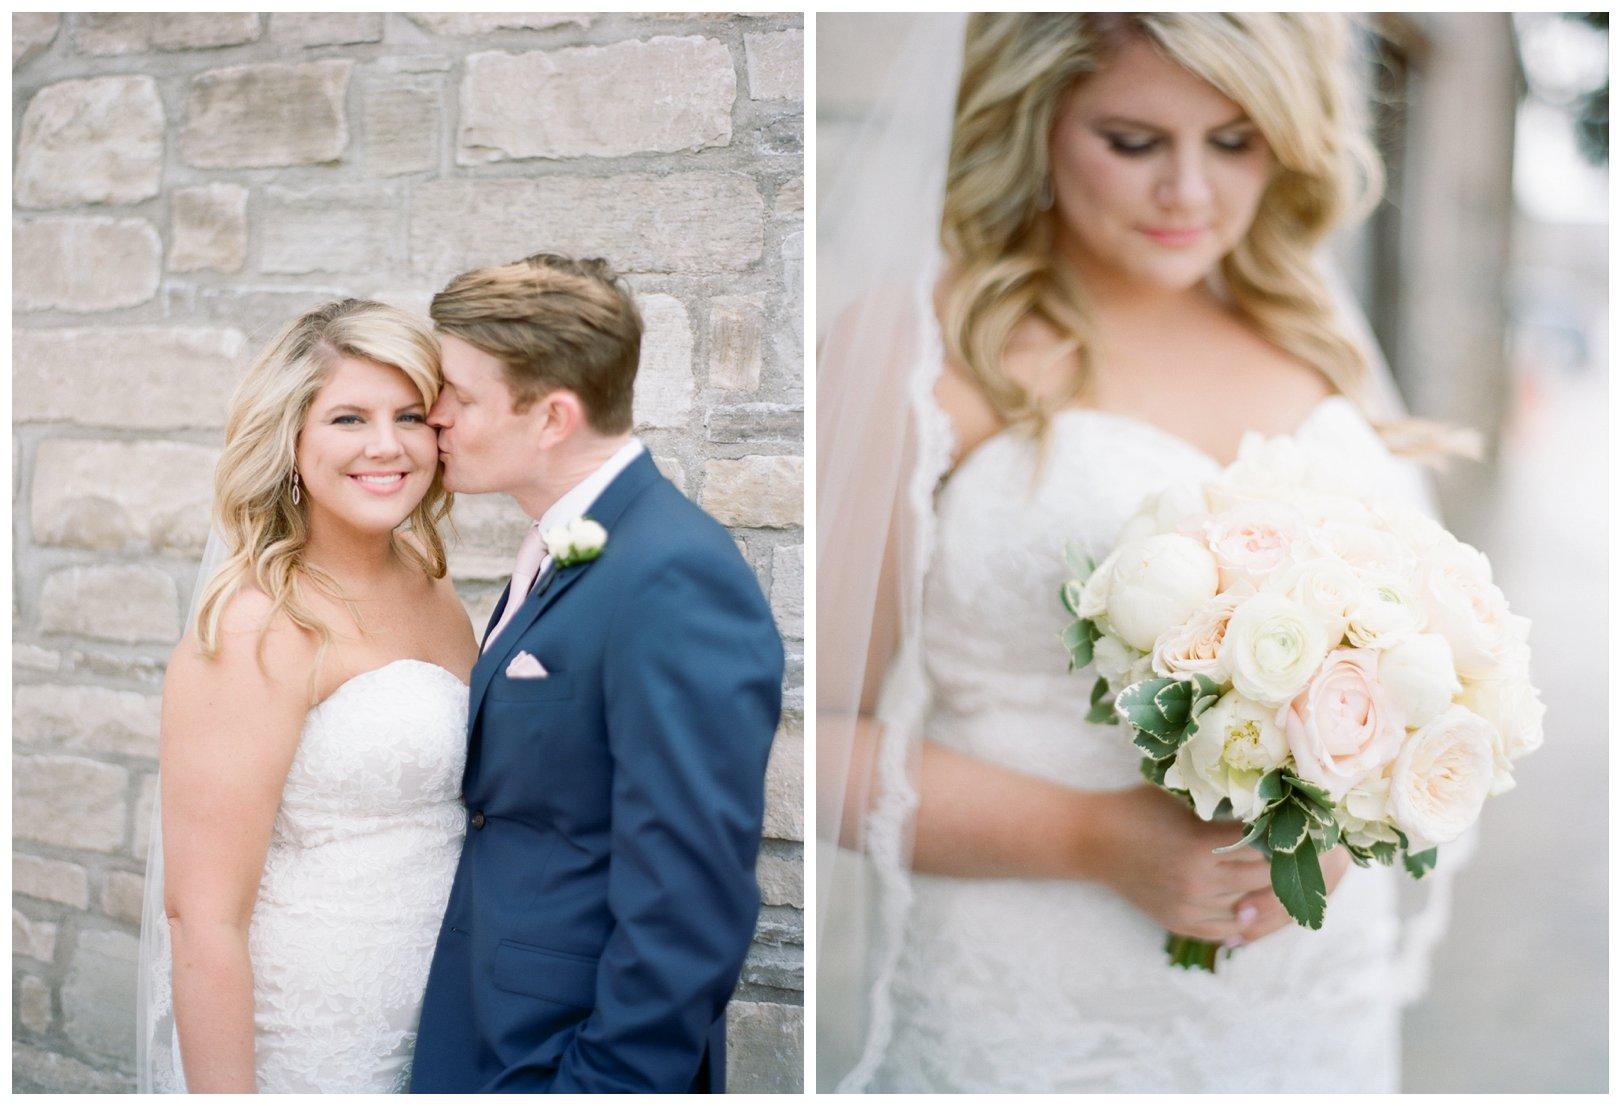 lauren muckler photography_fine art film wedding photography_st louis_photography_0978.jpg